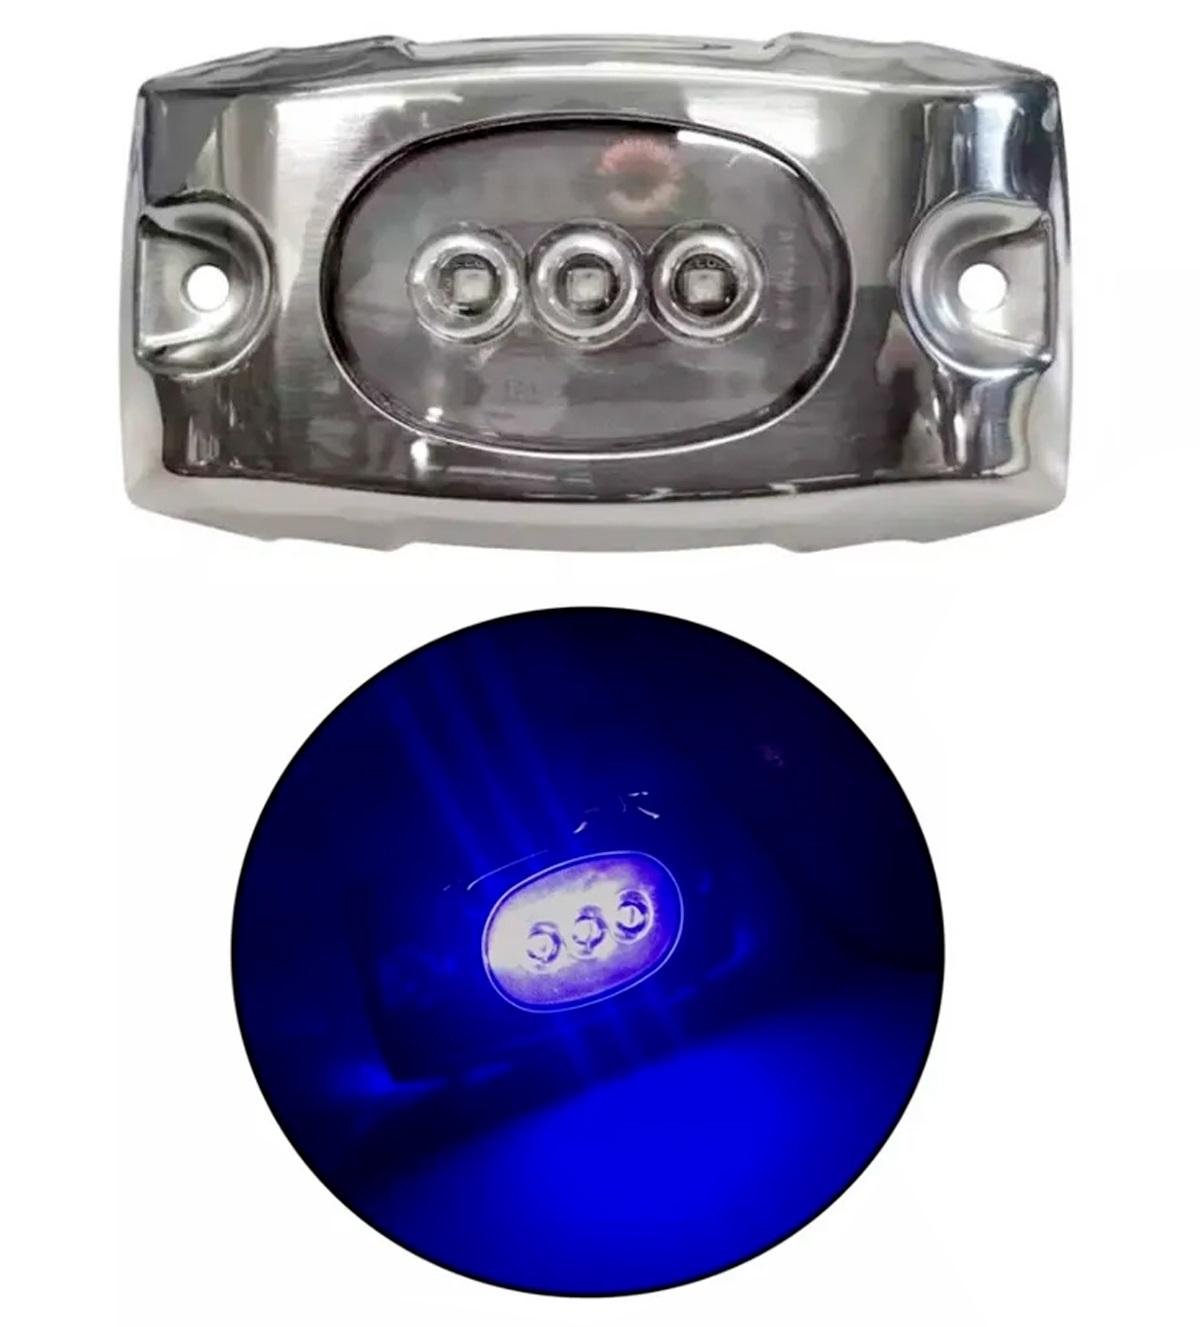 Luz Subaquática em LED Azul 12V / 24V IP68 com Acabamento em Inox para Barcos Lanchas Piscinas Fontes